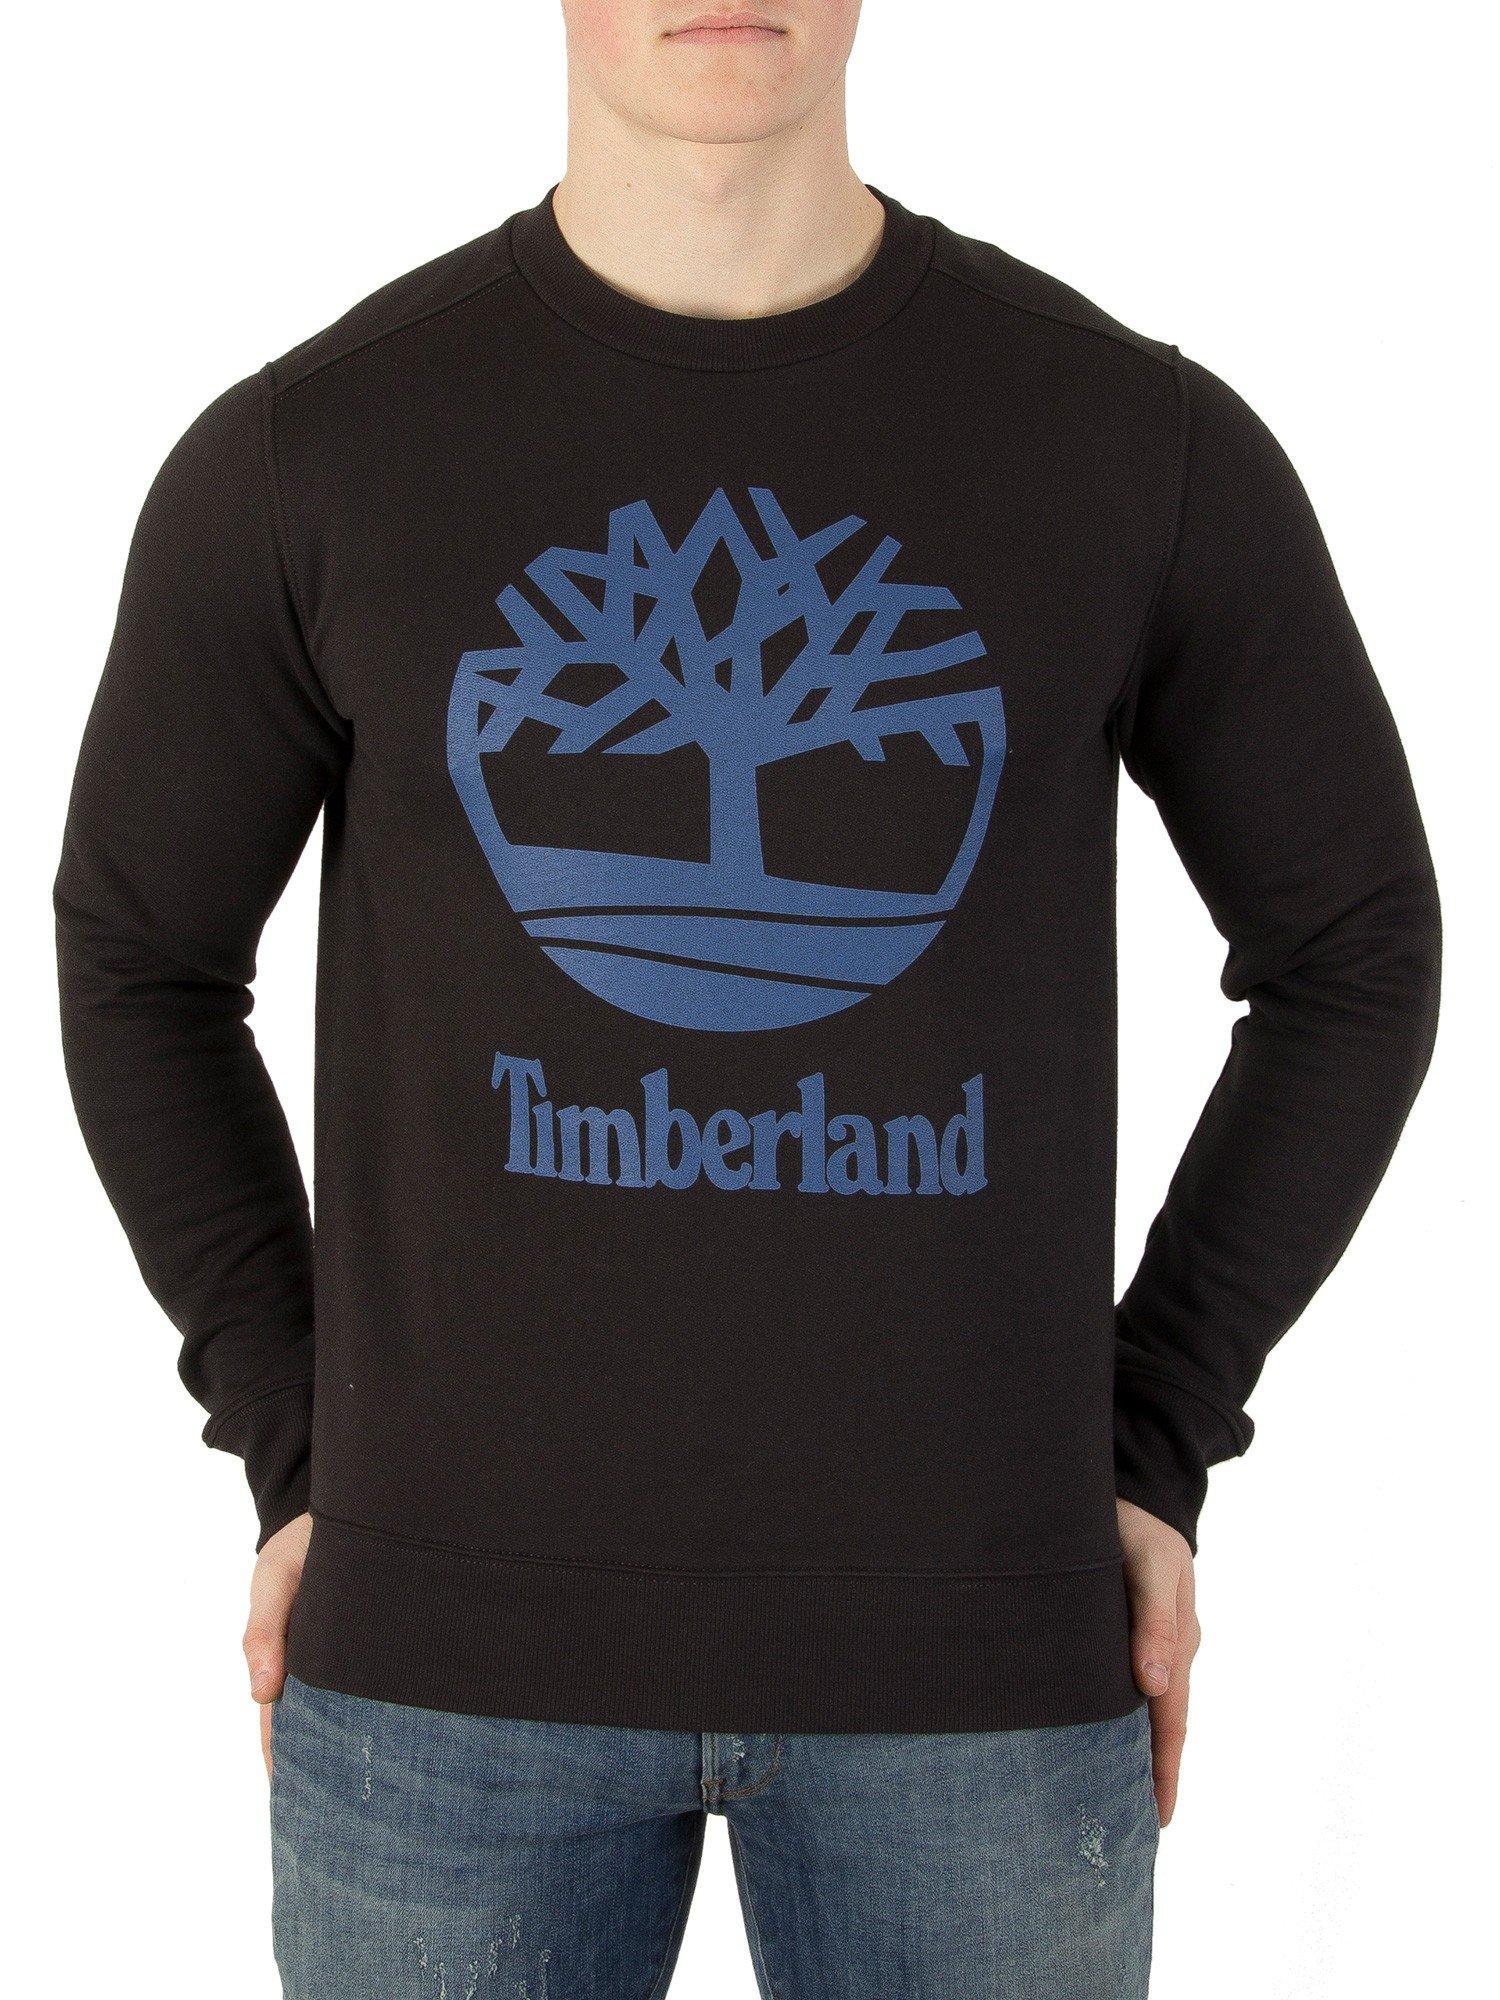 Timberland Men's Graphic Sweatshirt, Black, Medium